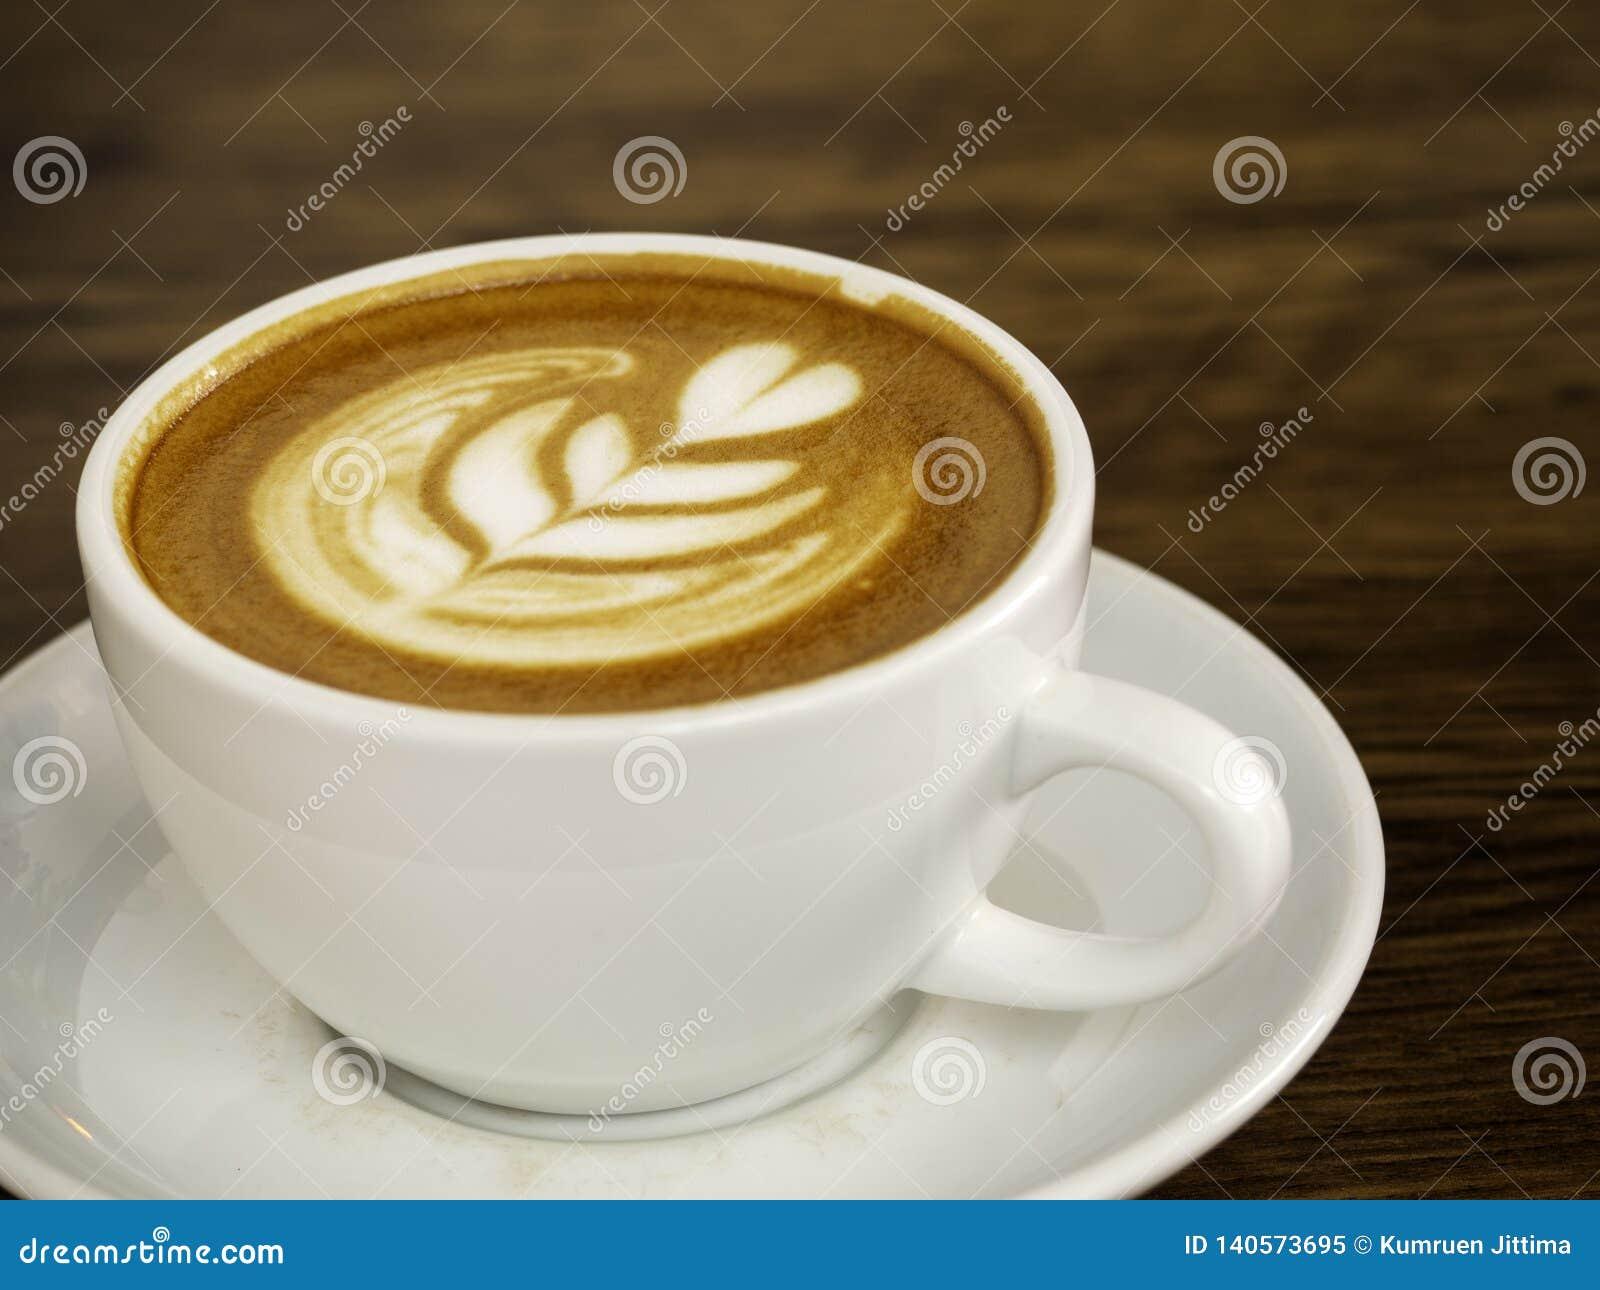 άσπρο φλυτζάνι καφέ στον ξύλινο πίνακα, χρόνος καφέ